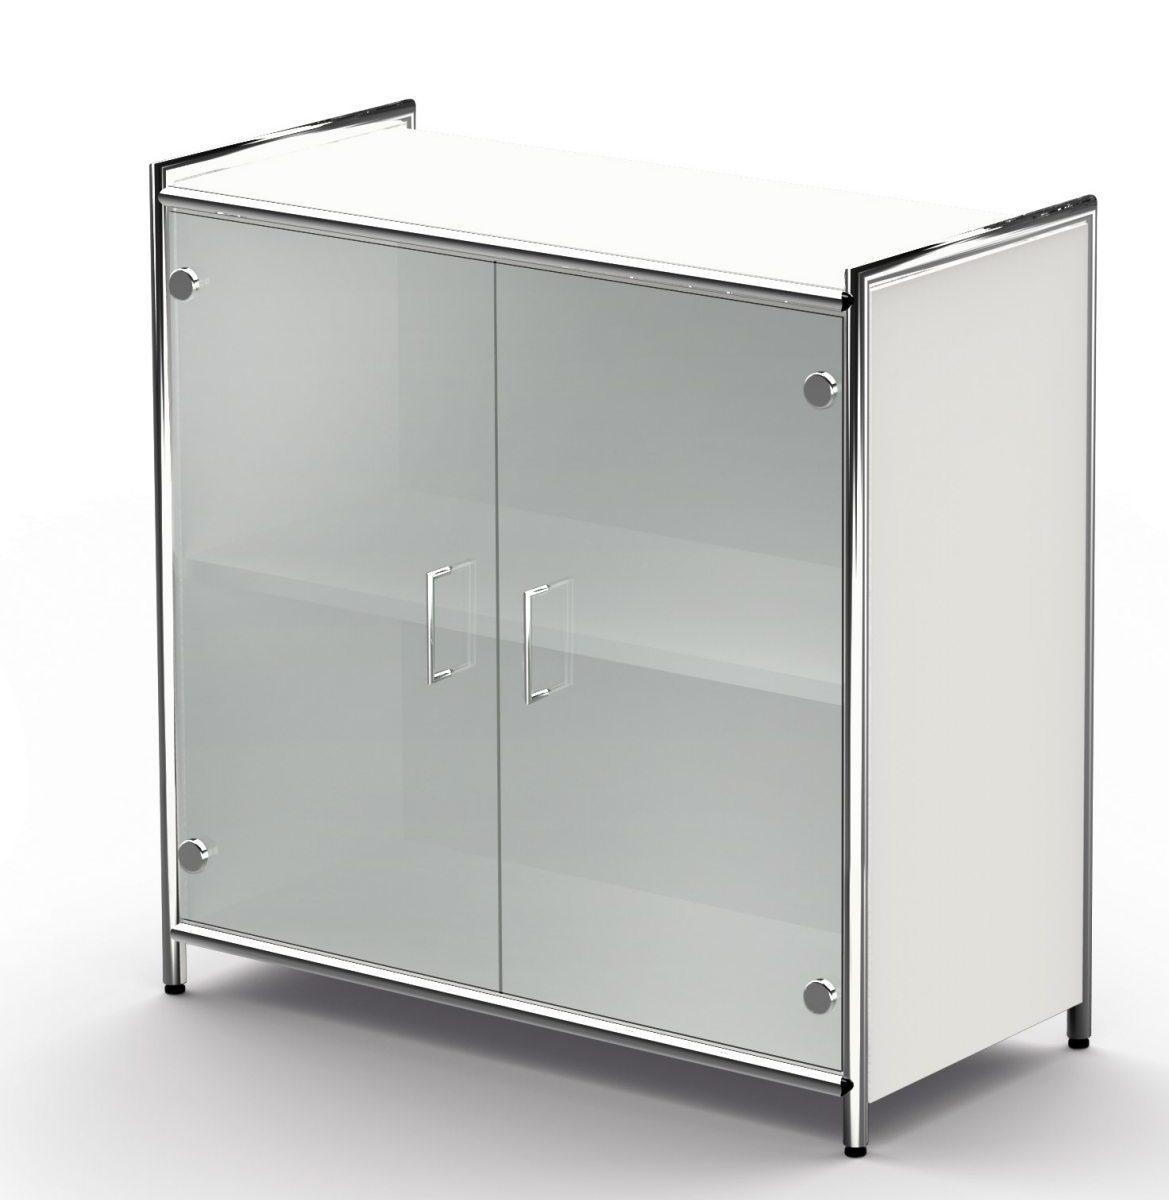 Büroschrank mit satinierten Glastüren